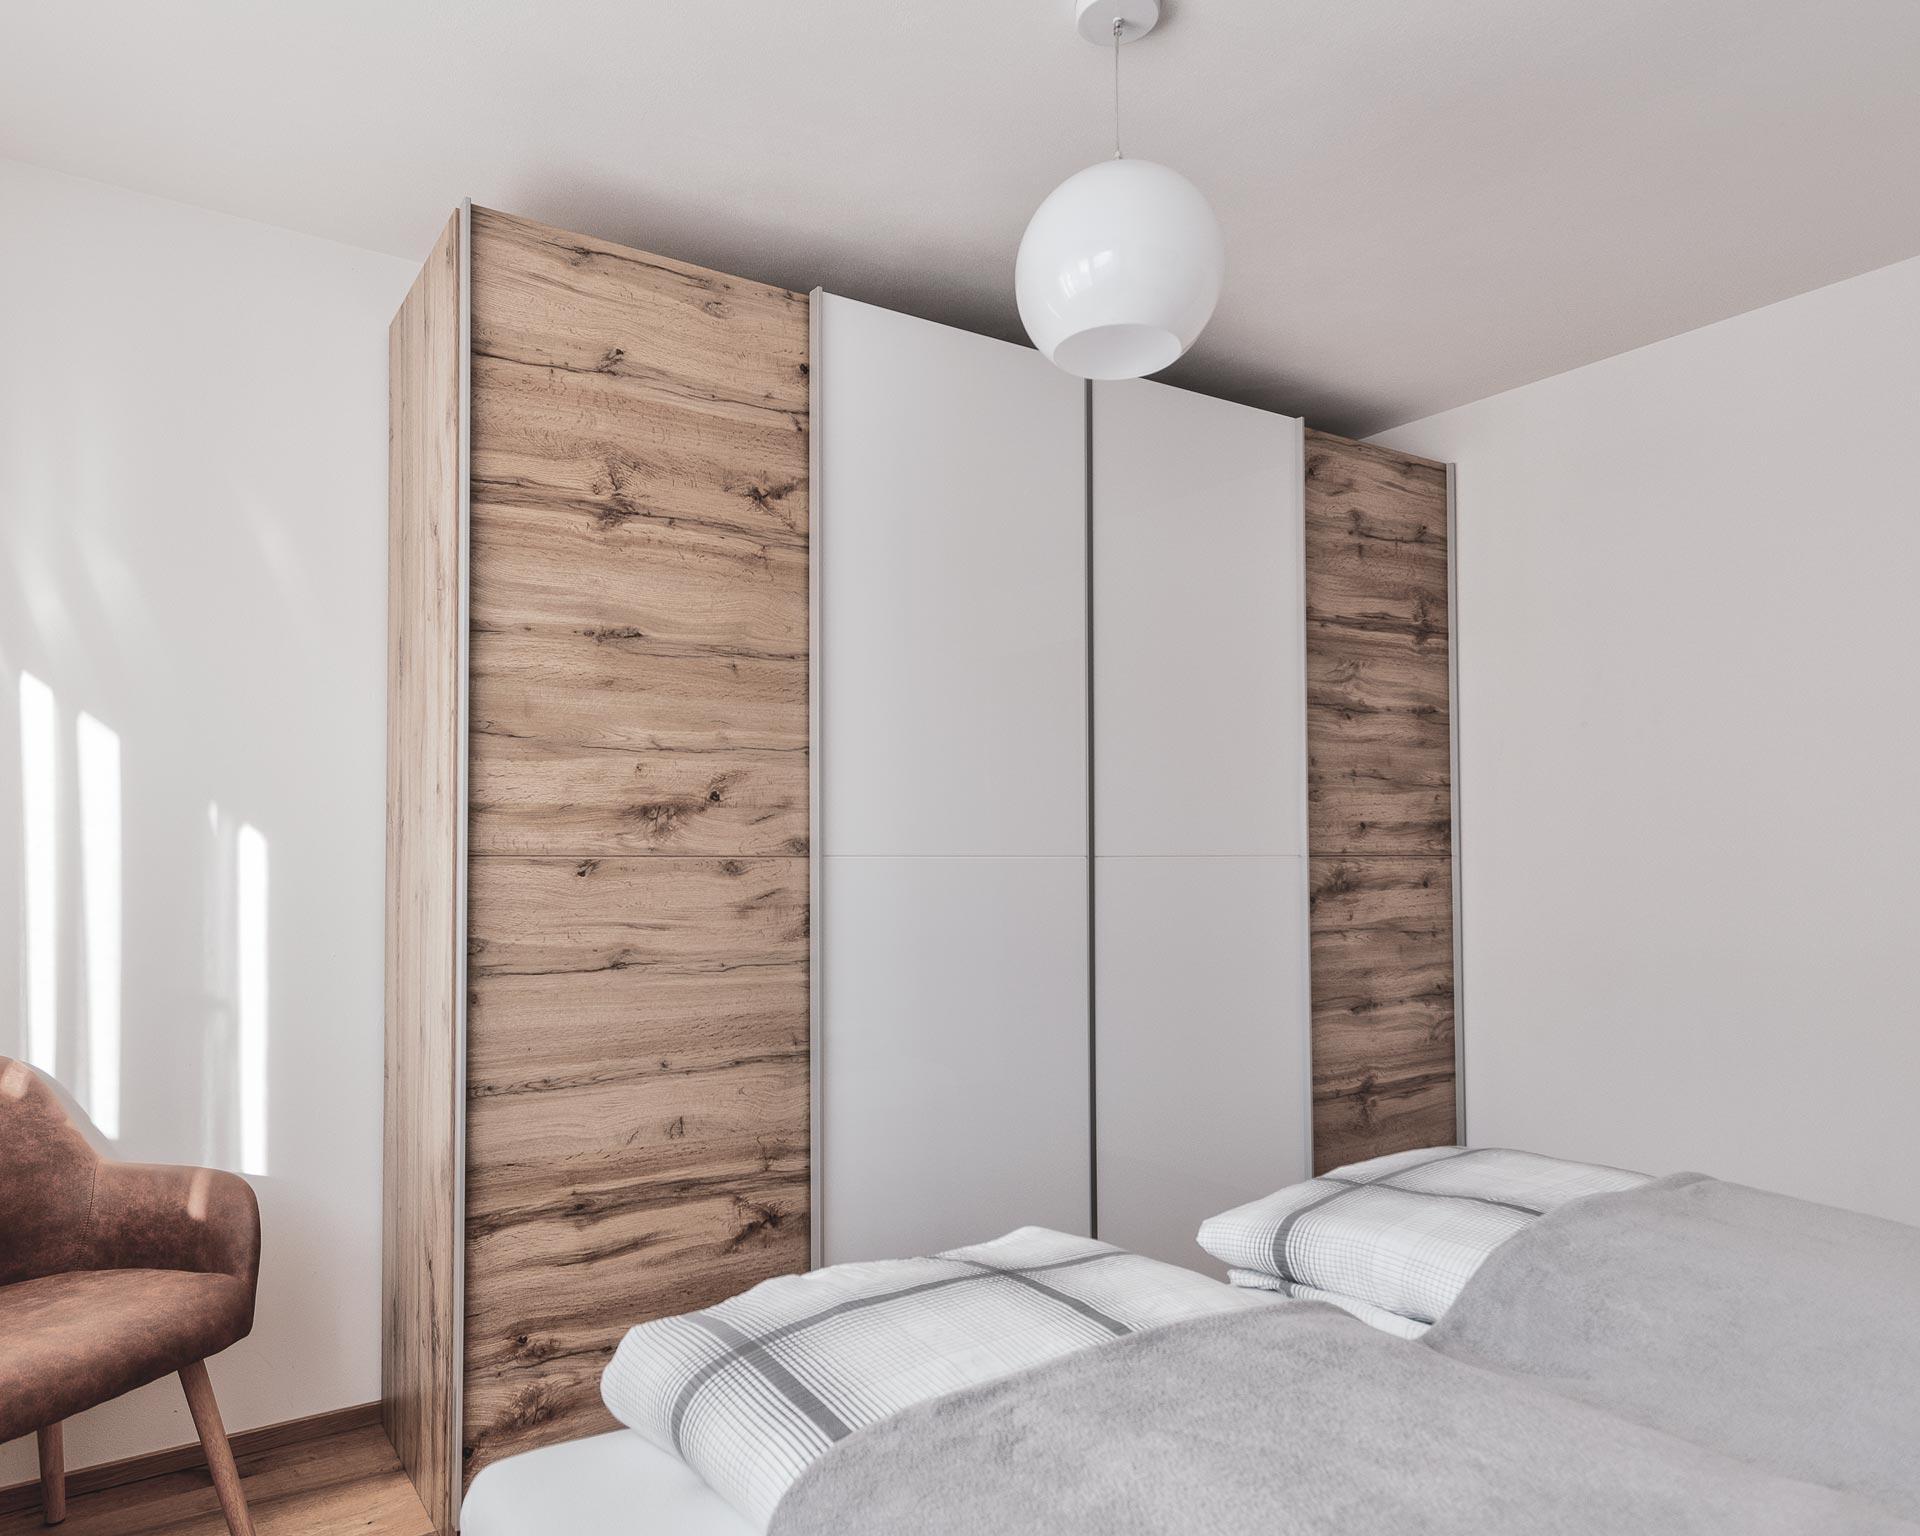 schrank schlafzimmer chalet waldblick 2 appartements pfarrwirt sand in taufers